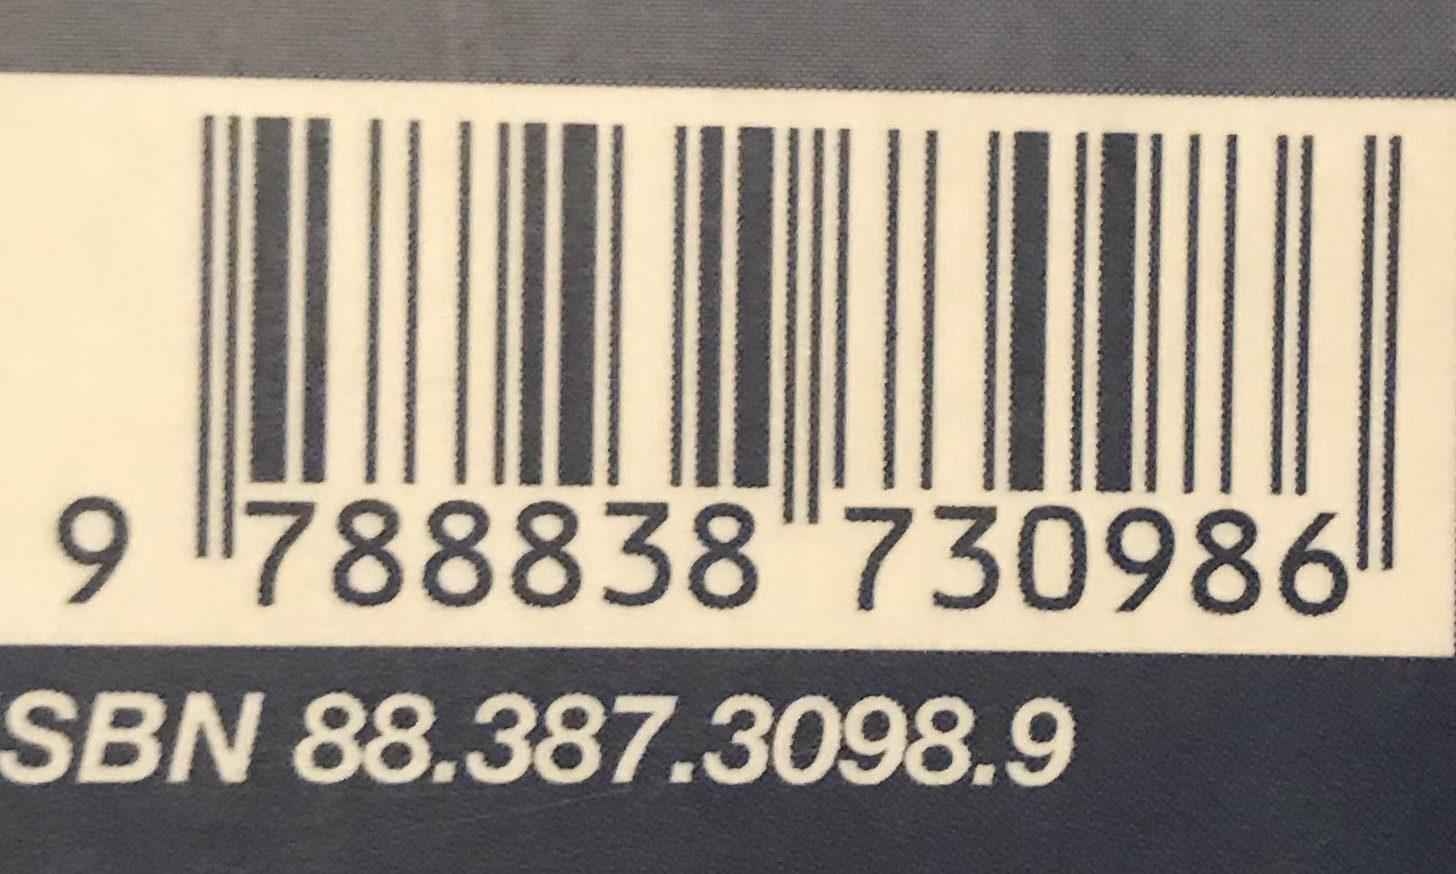 codice belfiore